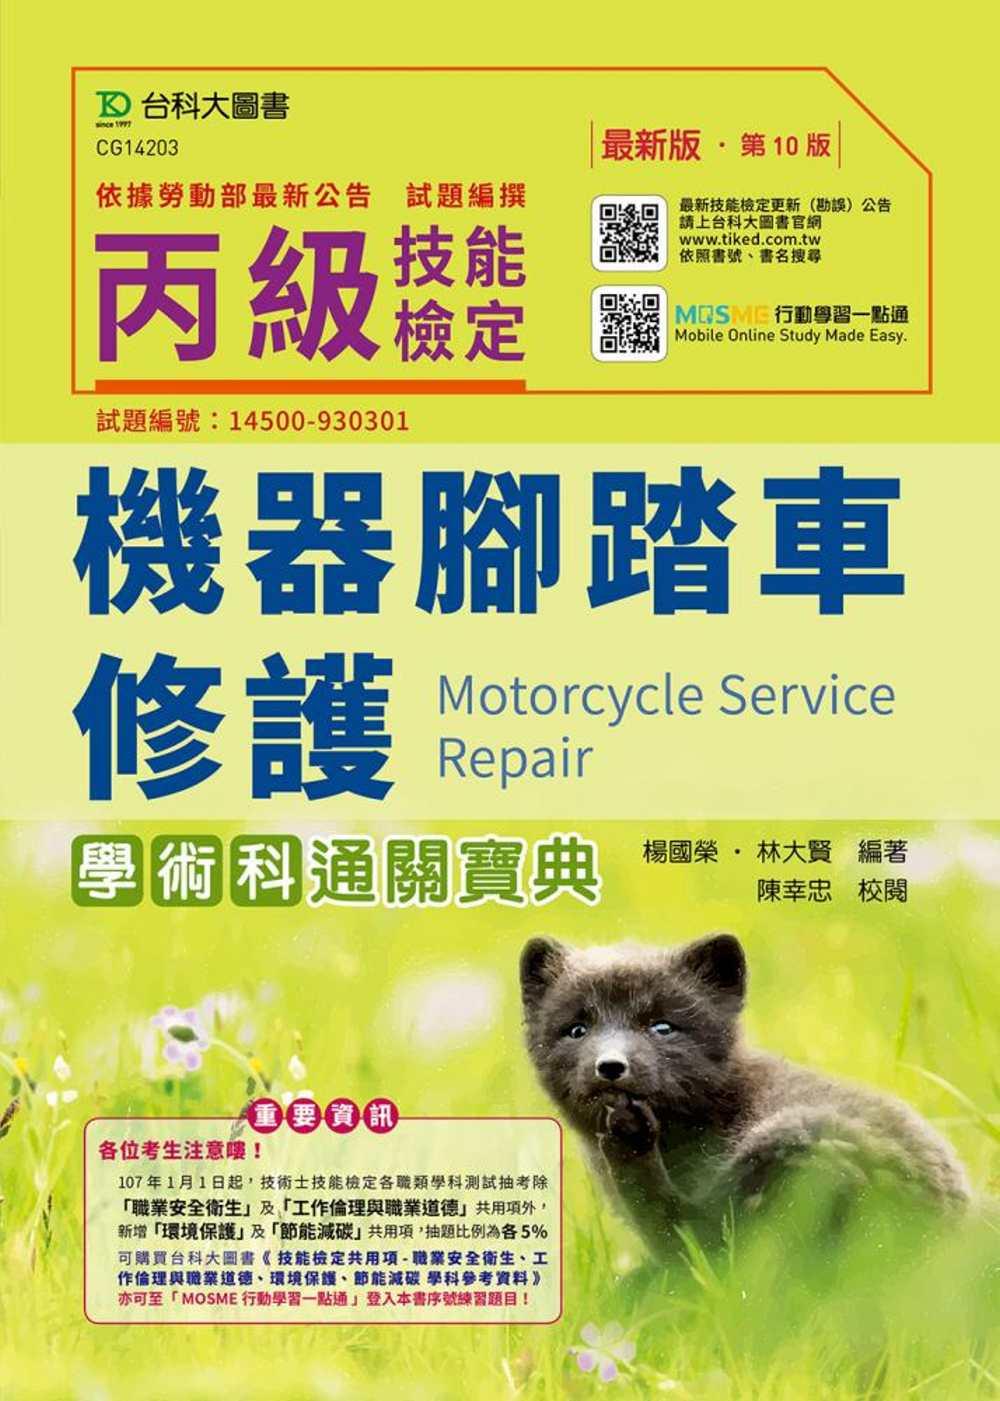 丙級機器腳踏車修護學術科通關寶典 最新版(第十版)(附贈MOSME行動學習一點通)